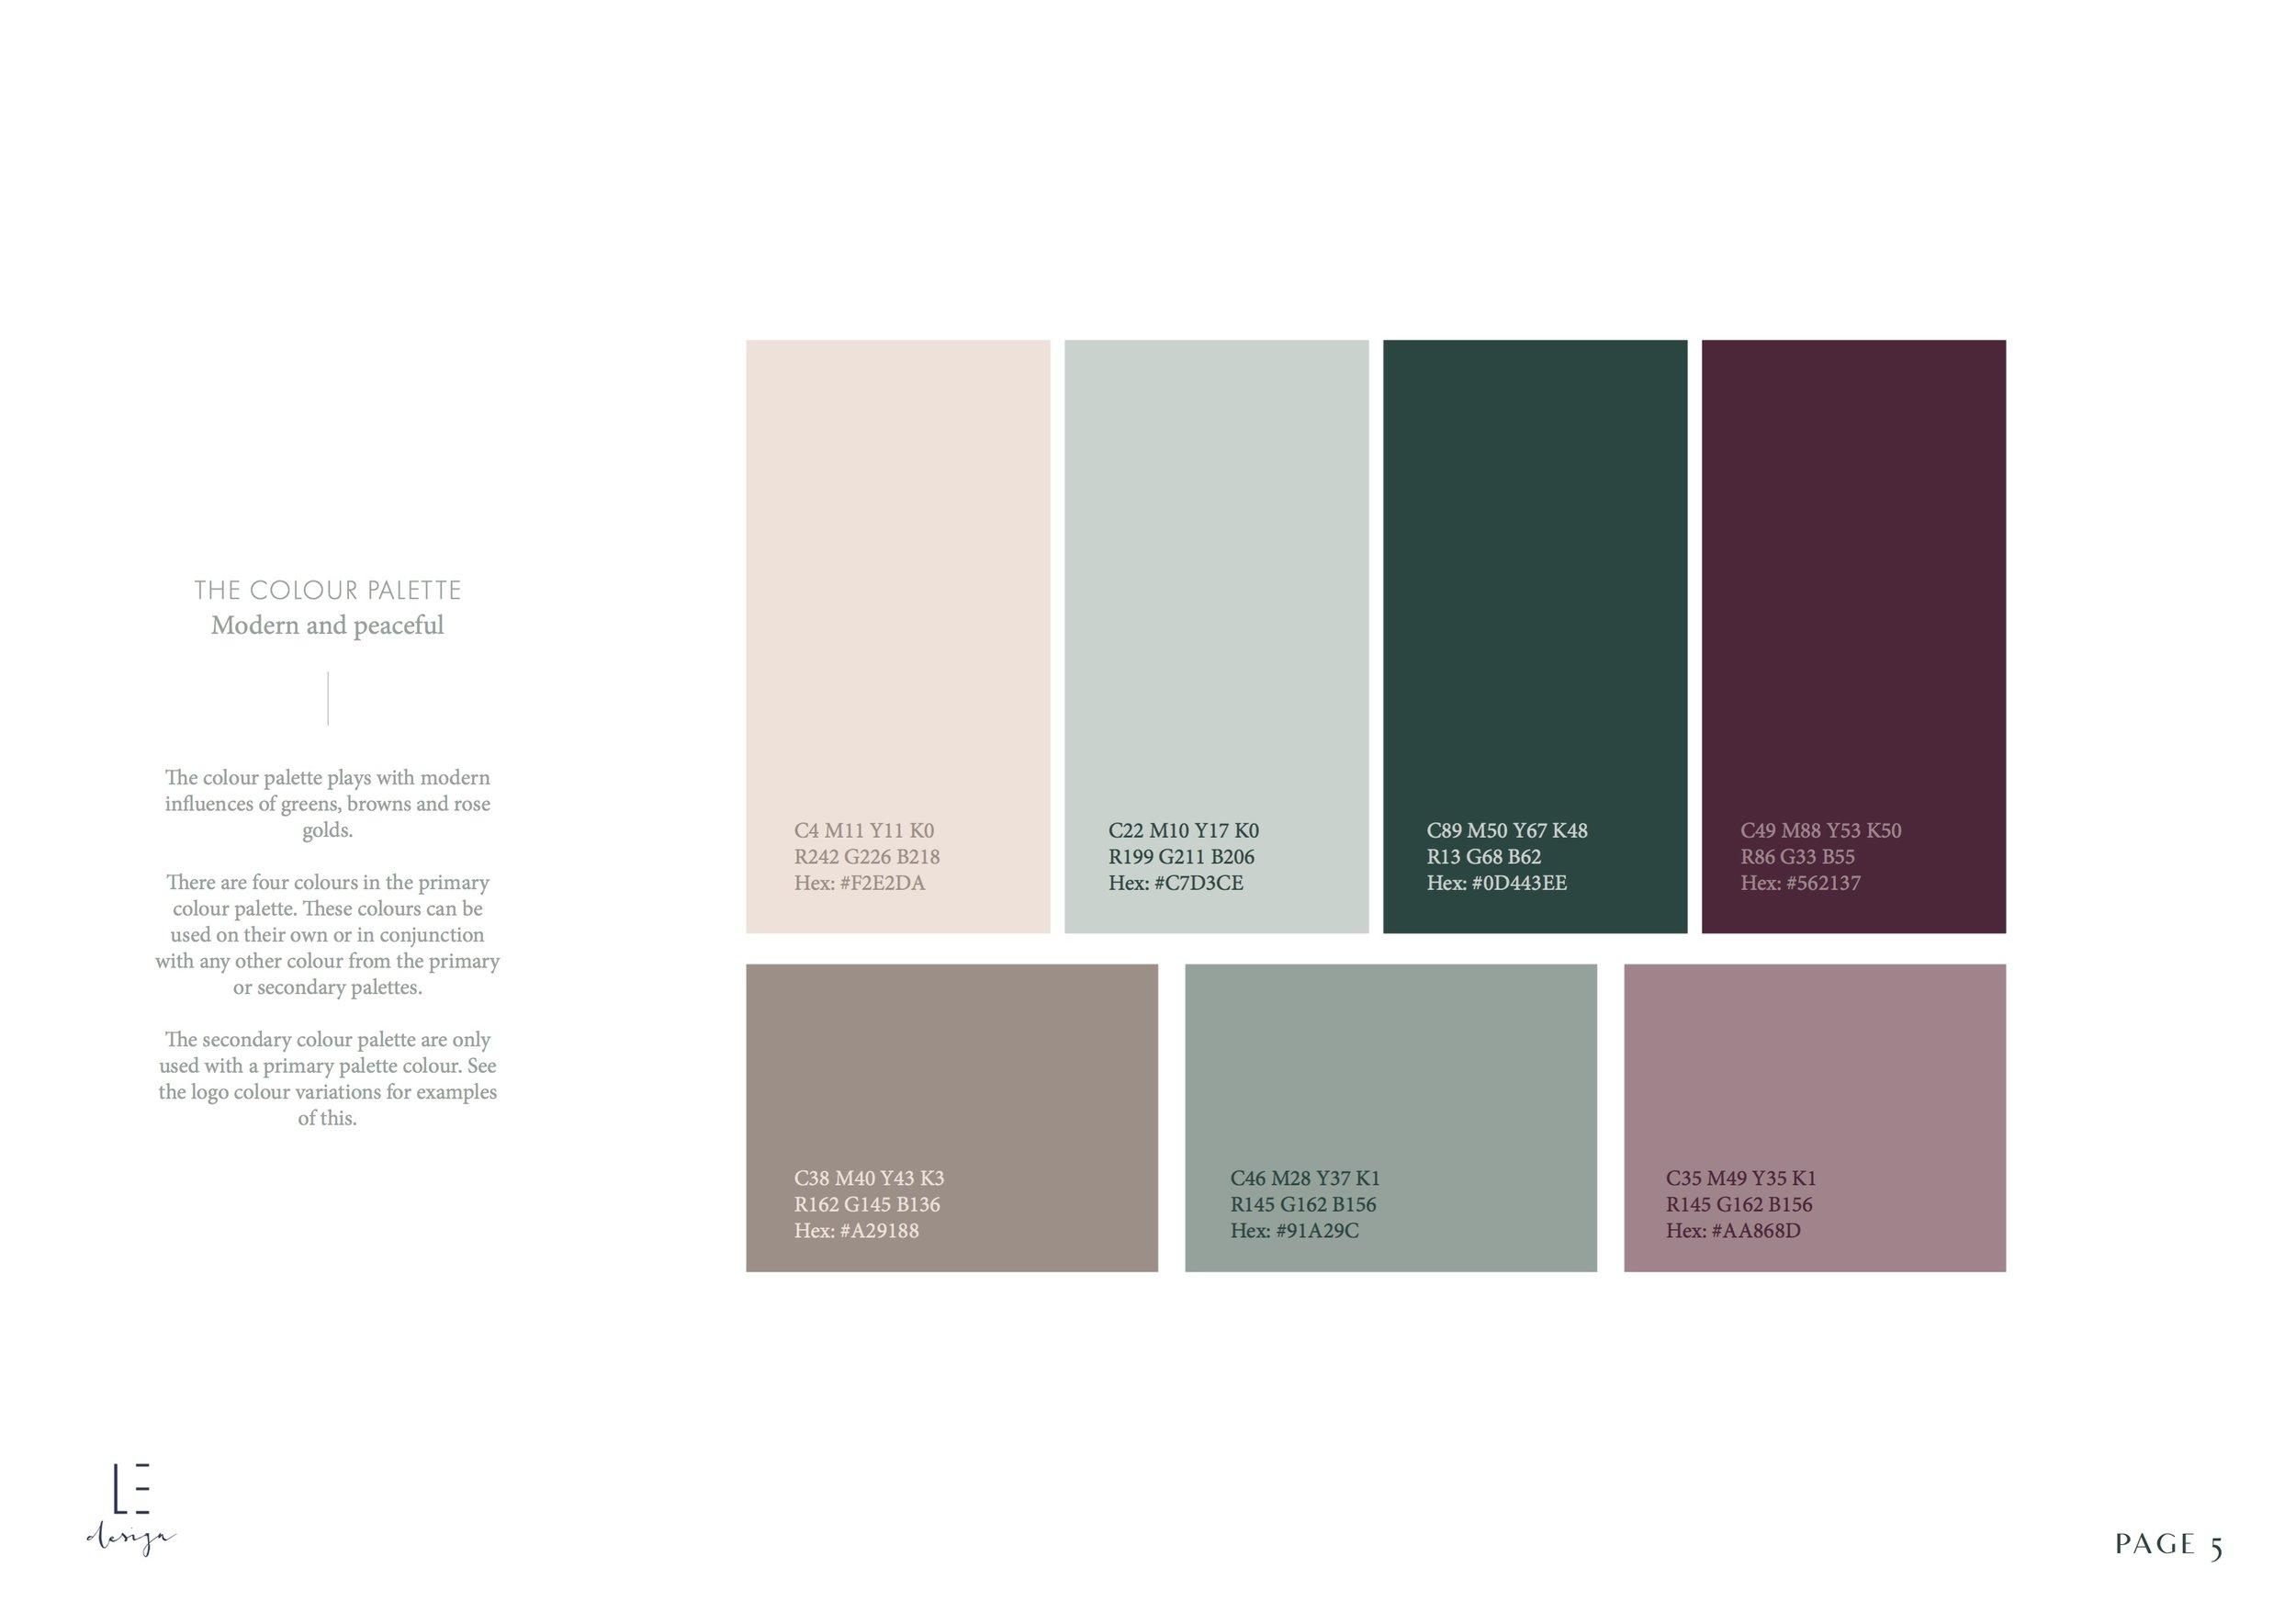 Branding-guidelines5.jpg